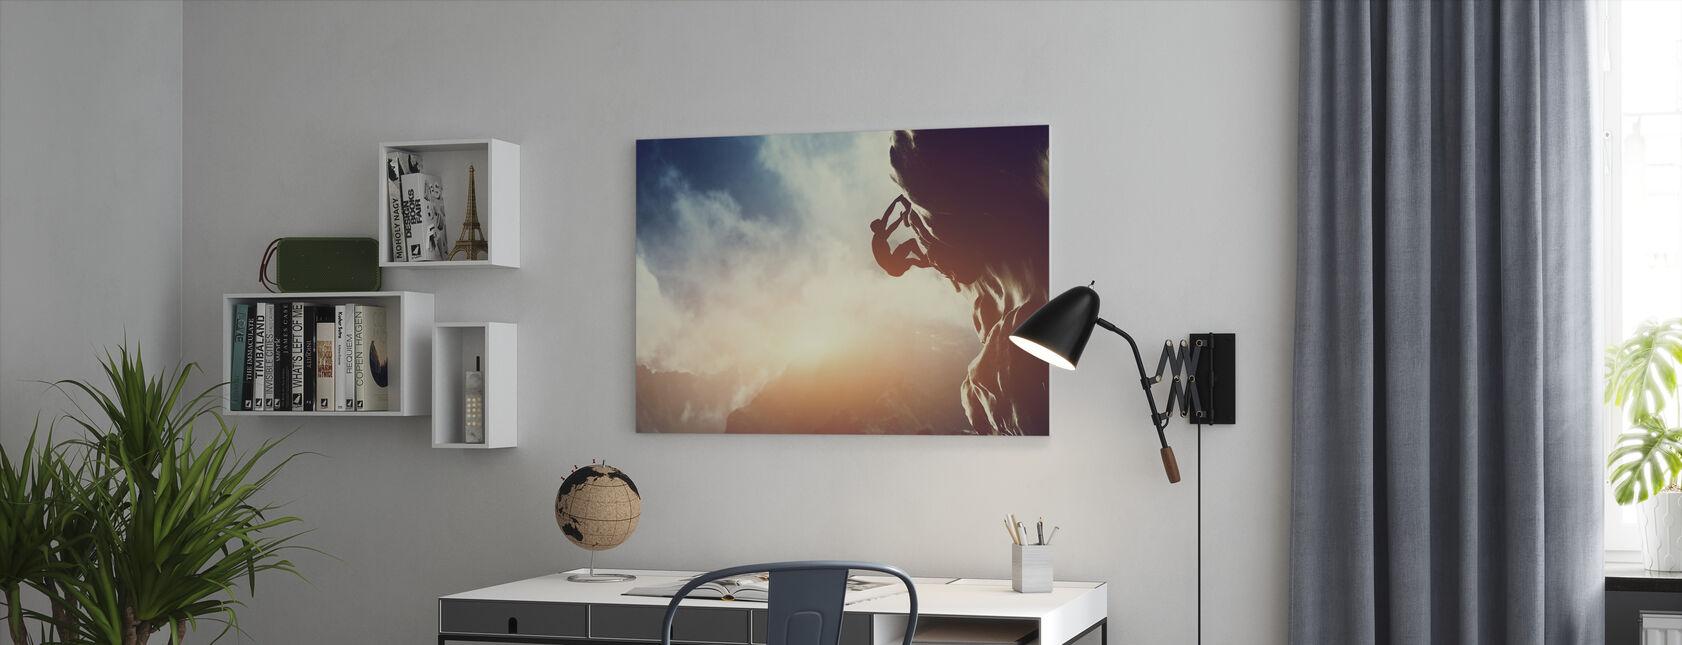 Klimmen - Canvas print - Kantoor